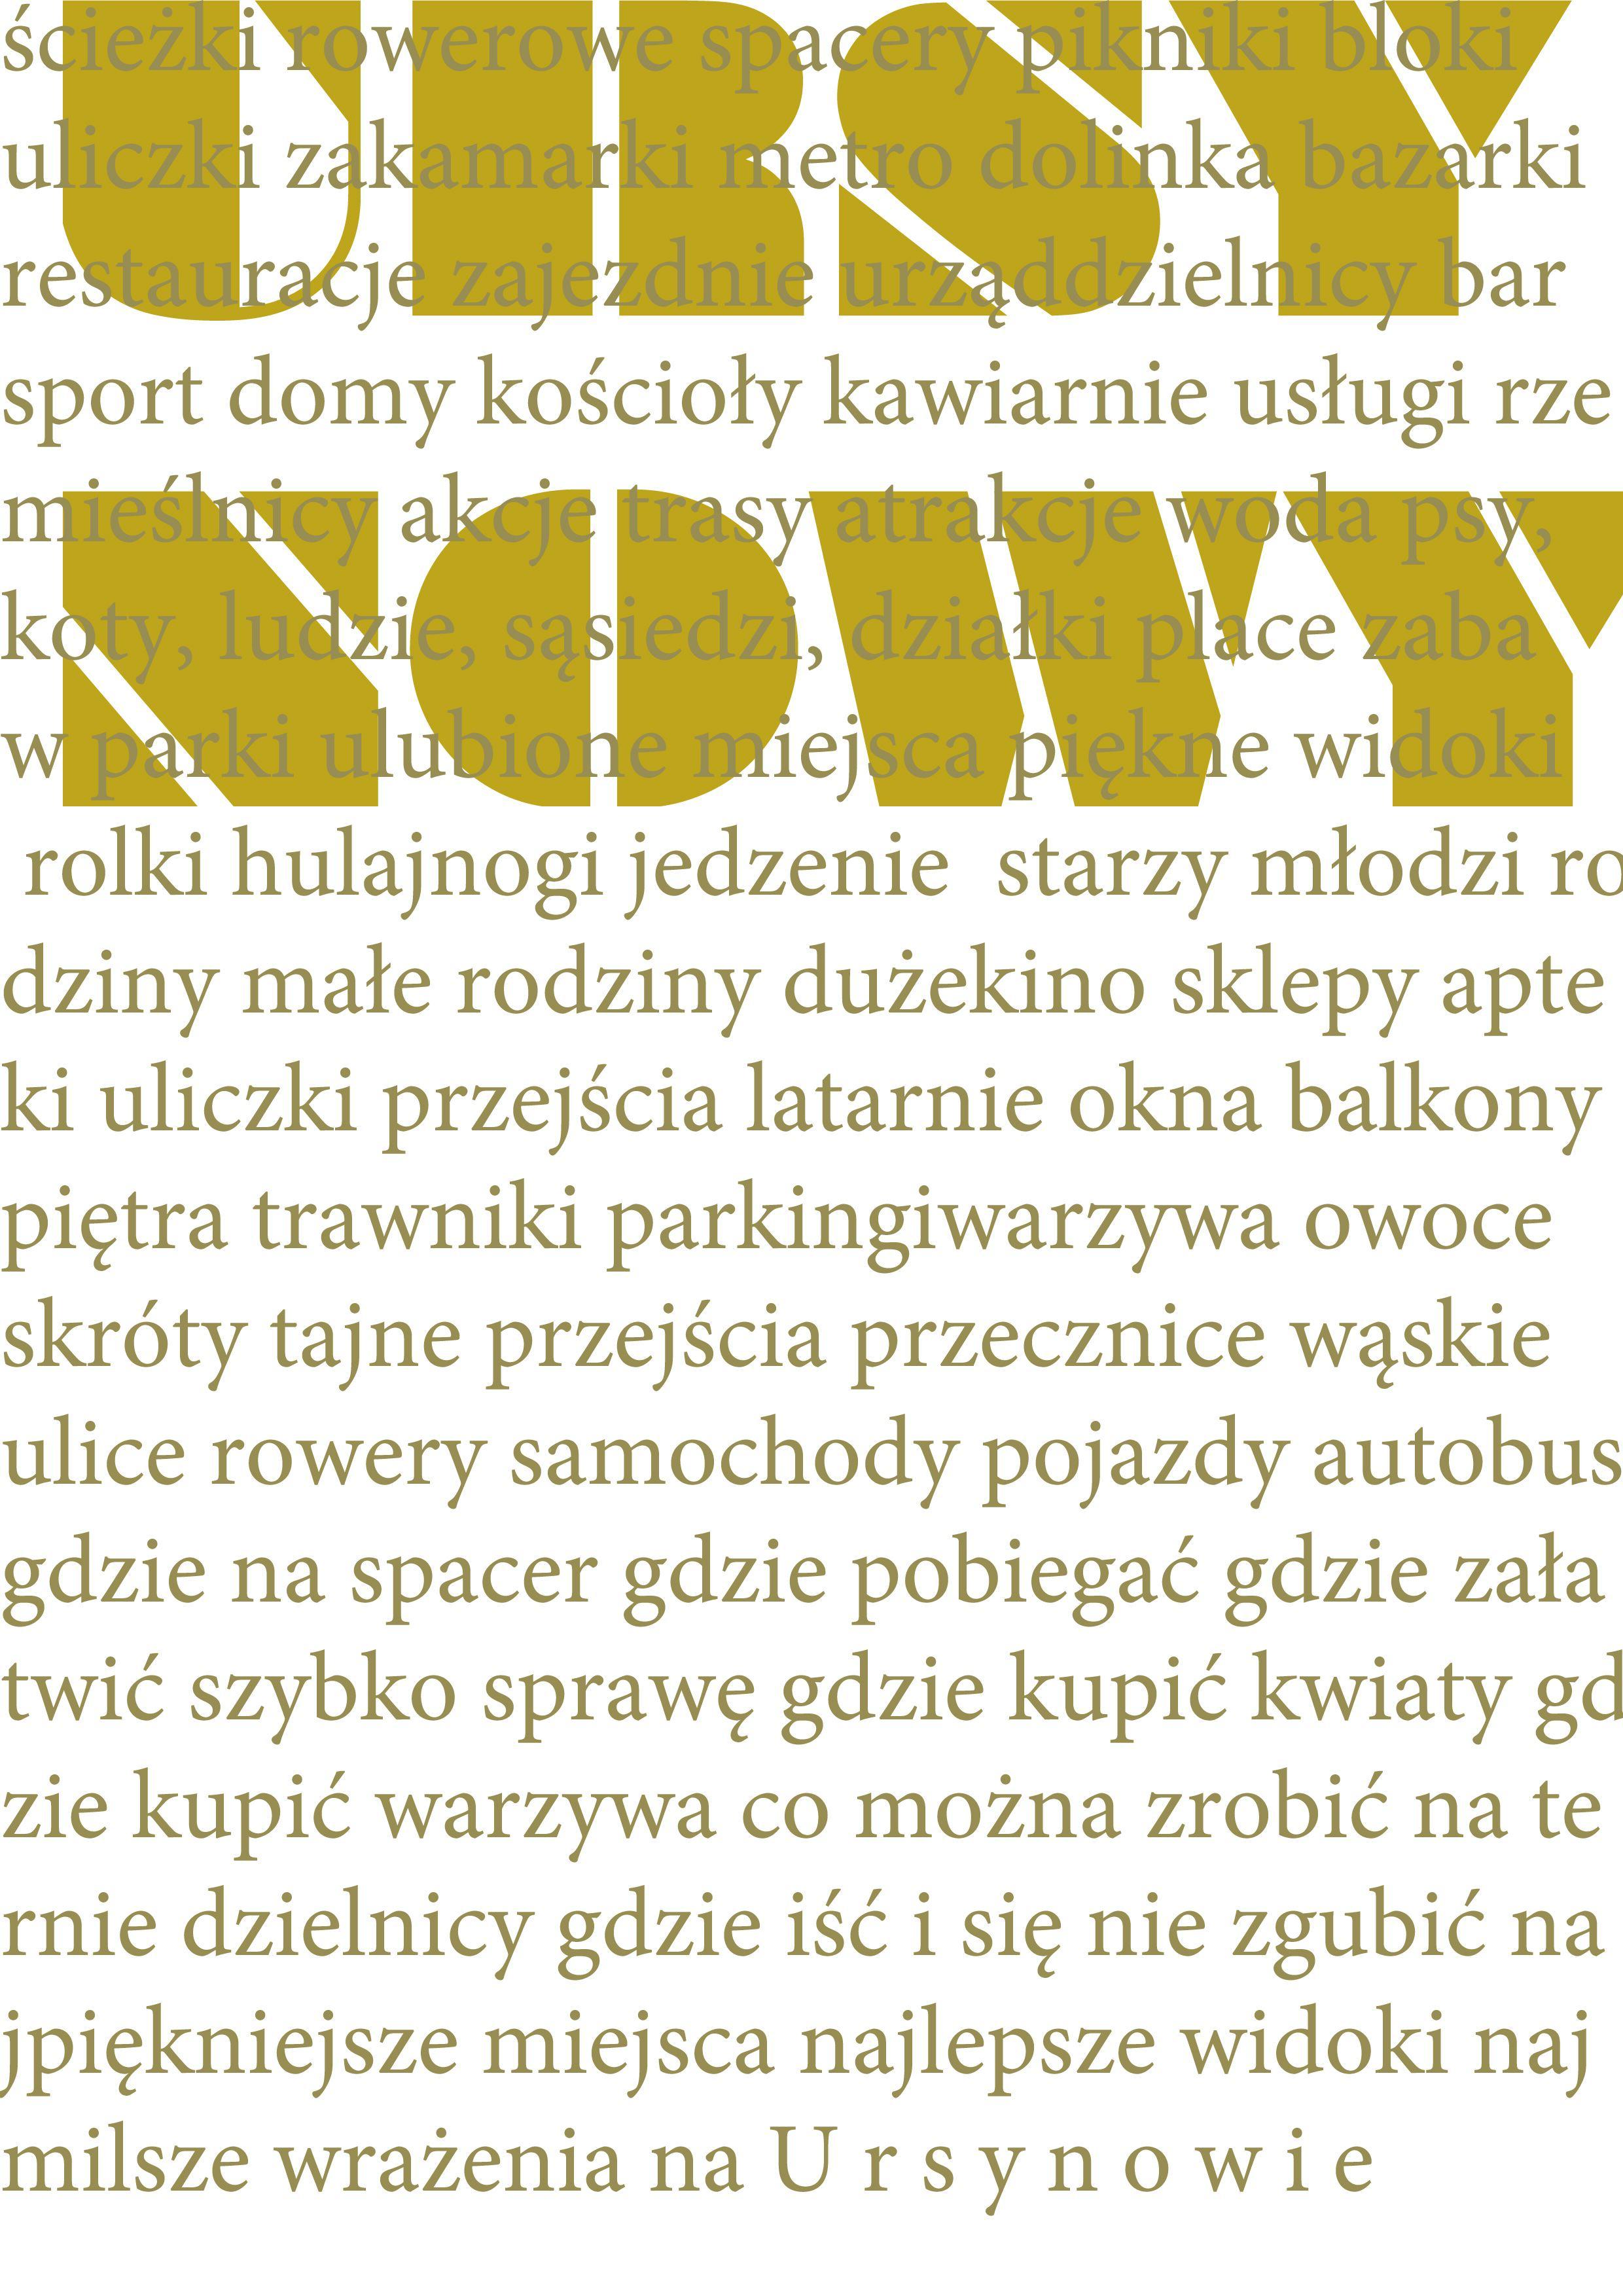 URSY NOWY